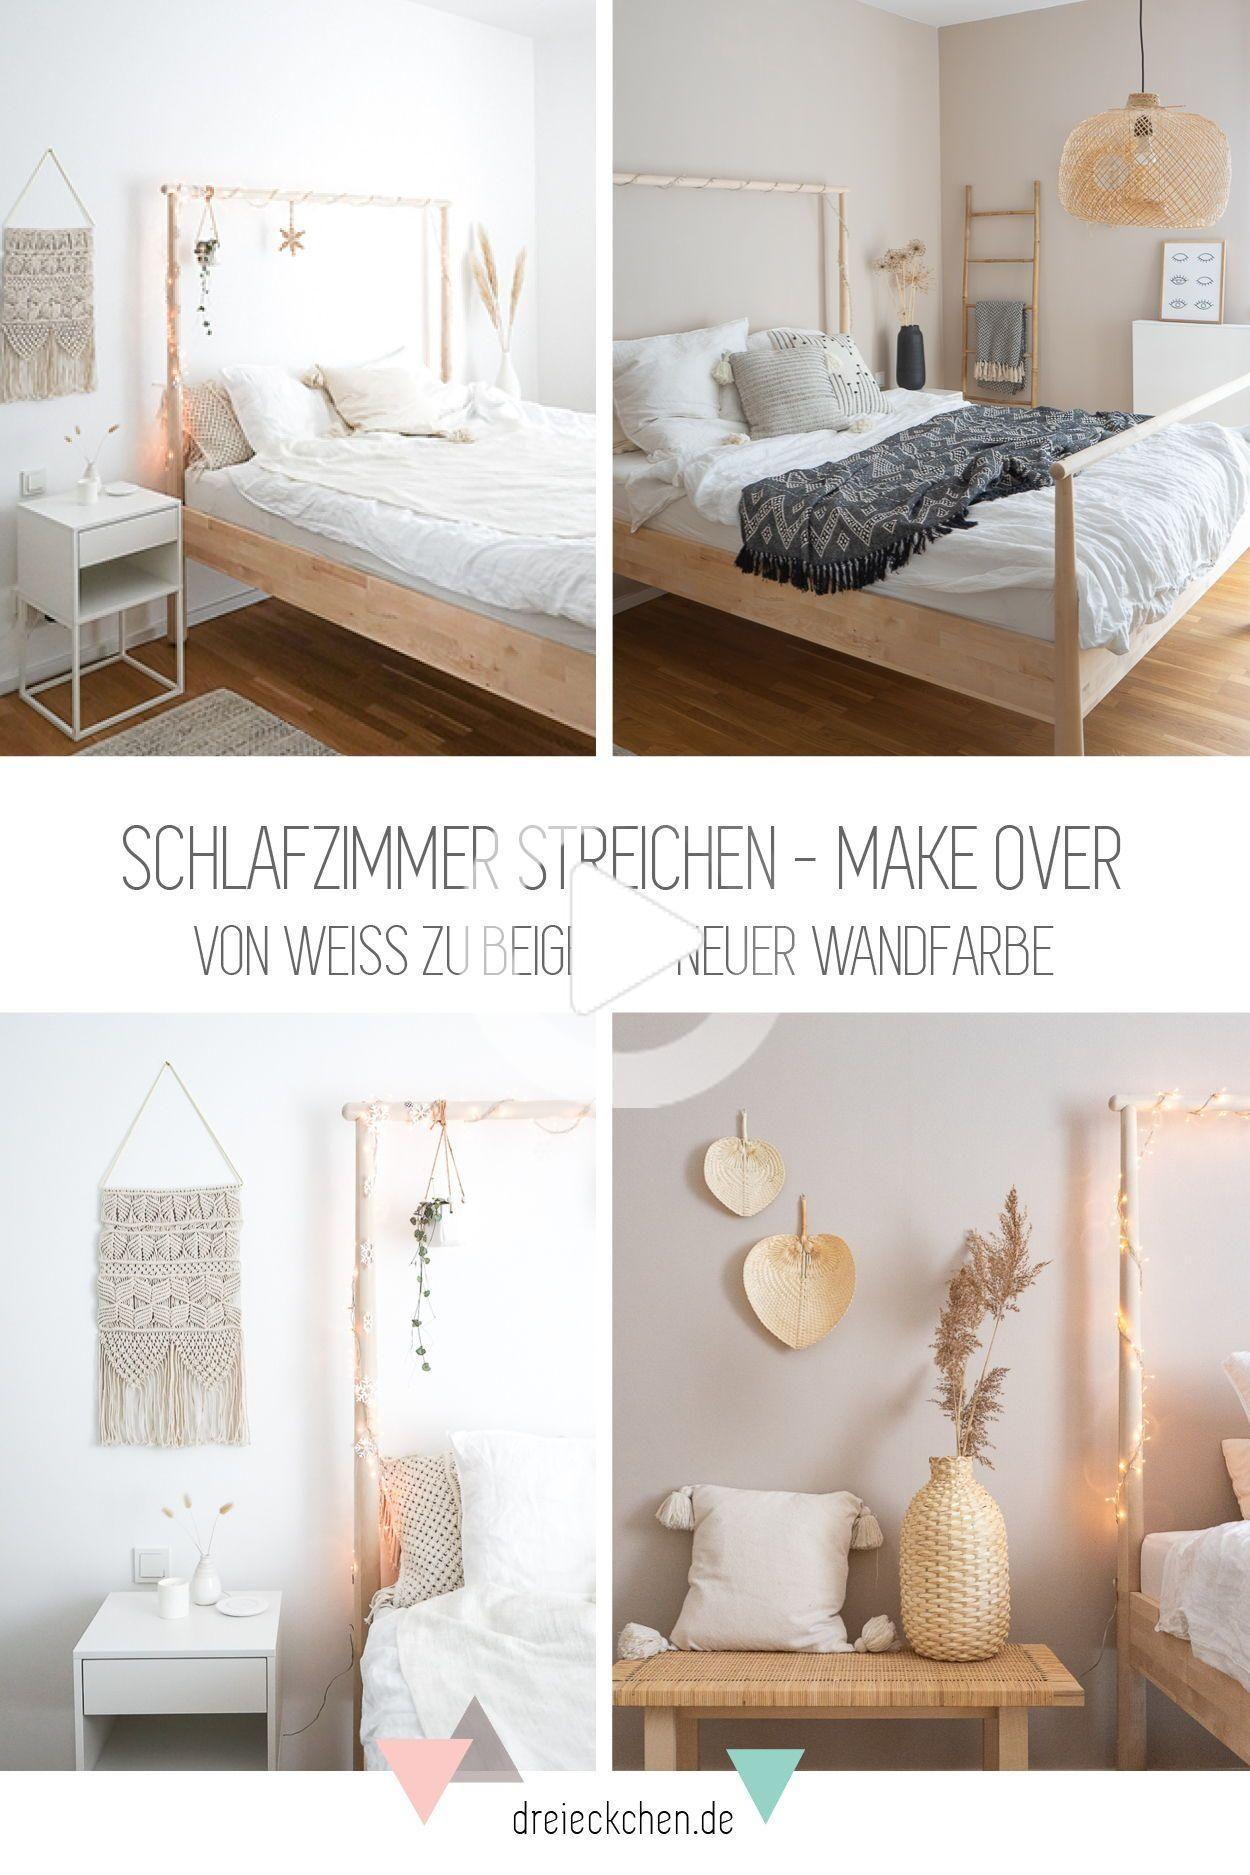 Schlafzimmer streichen - Make Over: von weiß zu beige mit ...